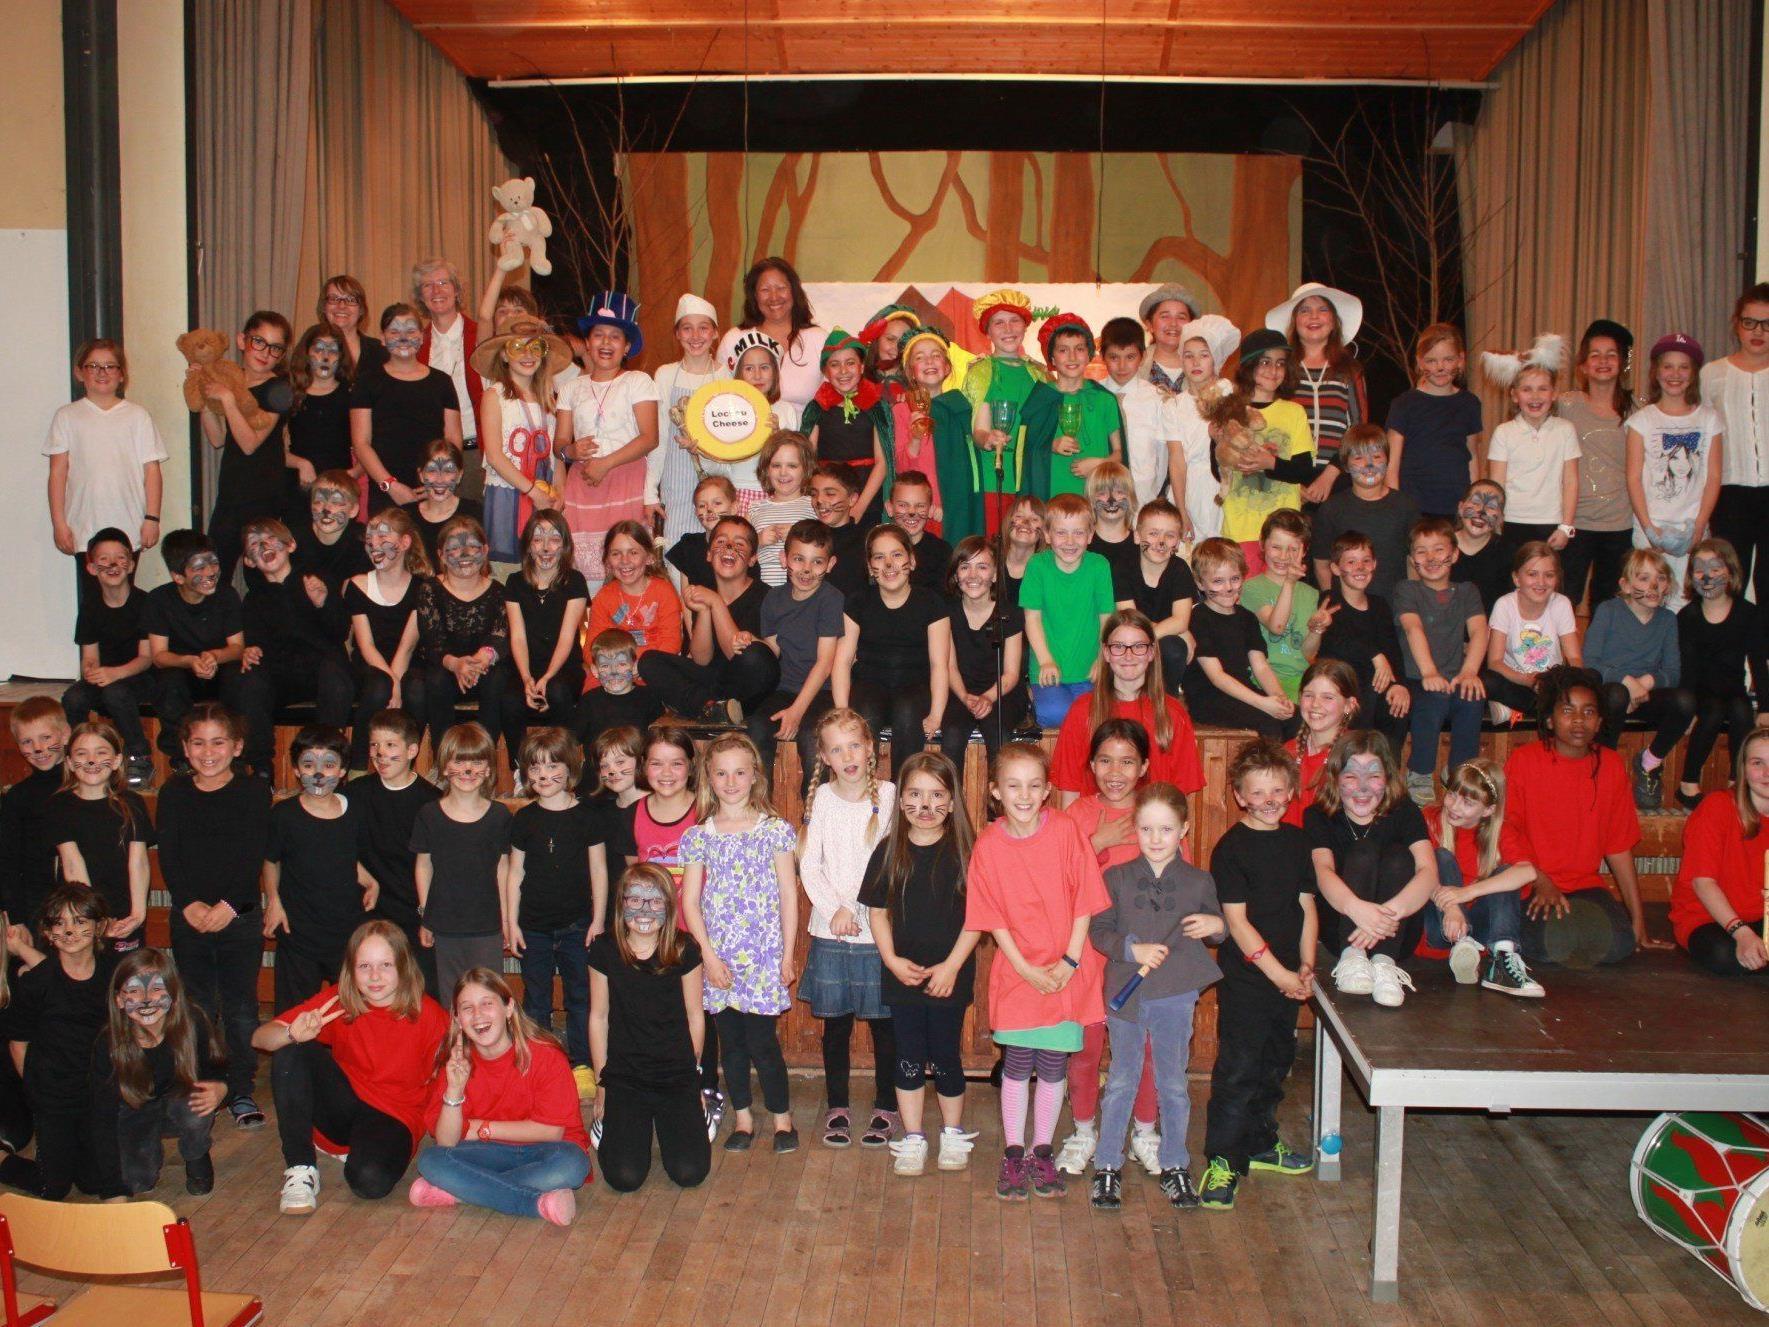 """99 Volksschüler hatten beim englischen Theaterabend mit """"The Pied Piper"""" ihren großen und bestens gelungenen öffentlichen Auftritt."""